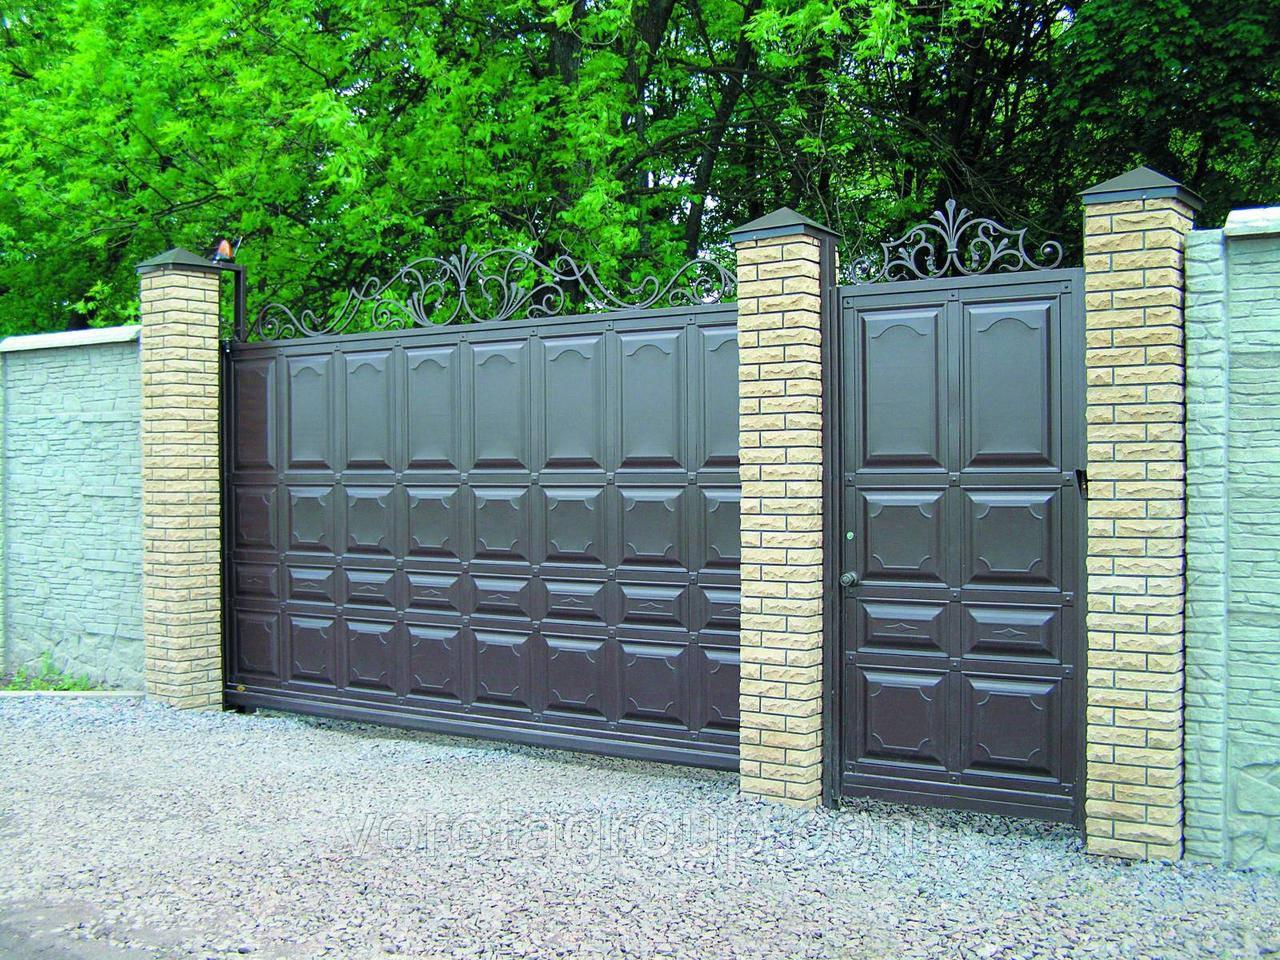 Откатные ворота филёнчатые 2.8м*2м - Ворота Груп - Все для Ворот и Автоматики в Харькове